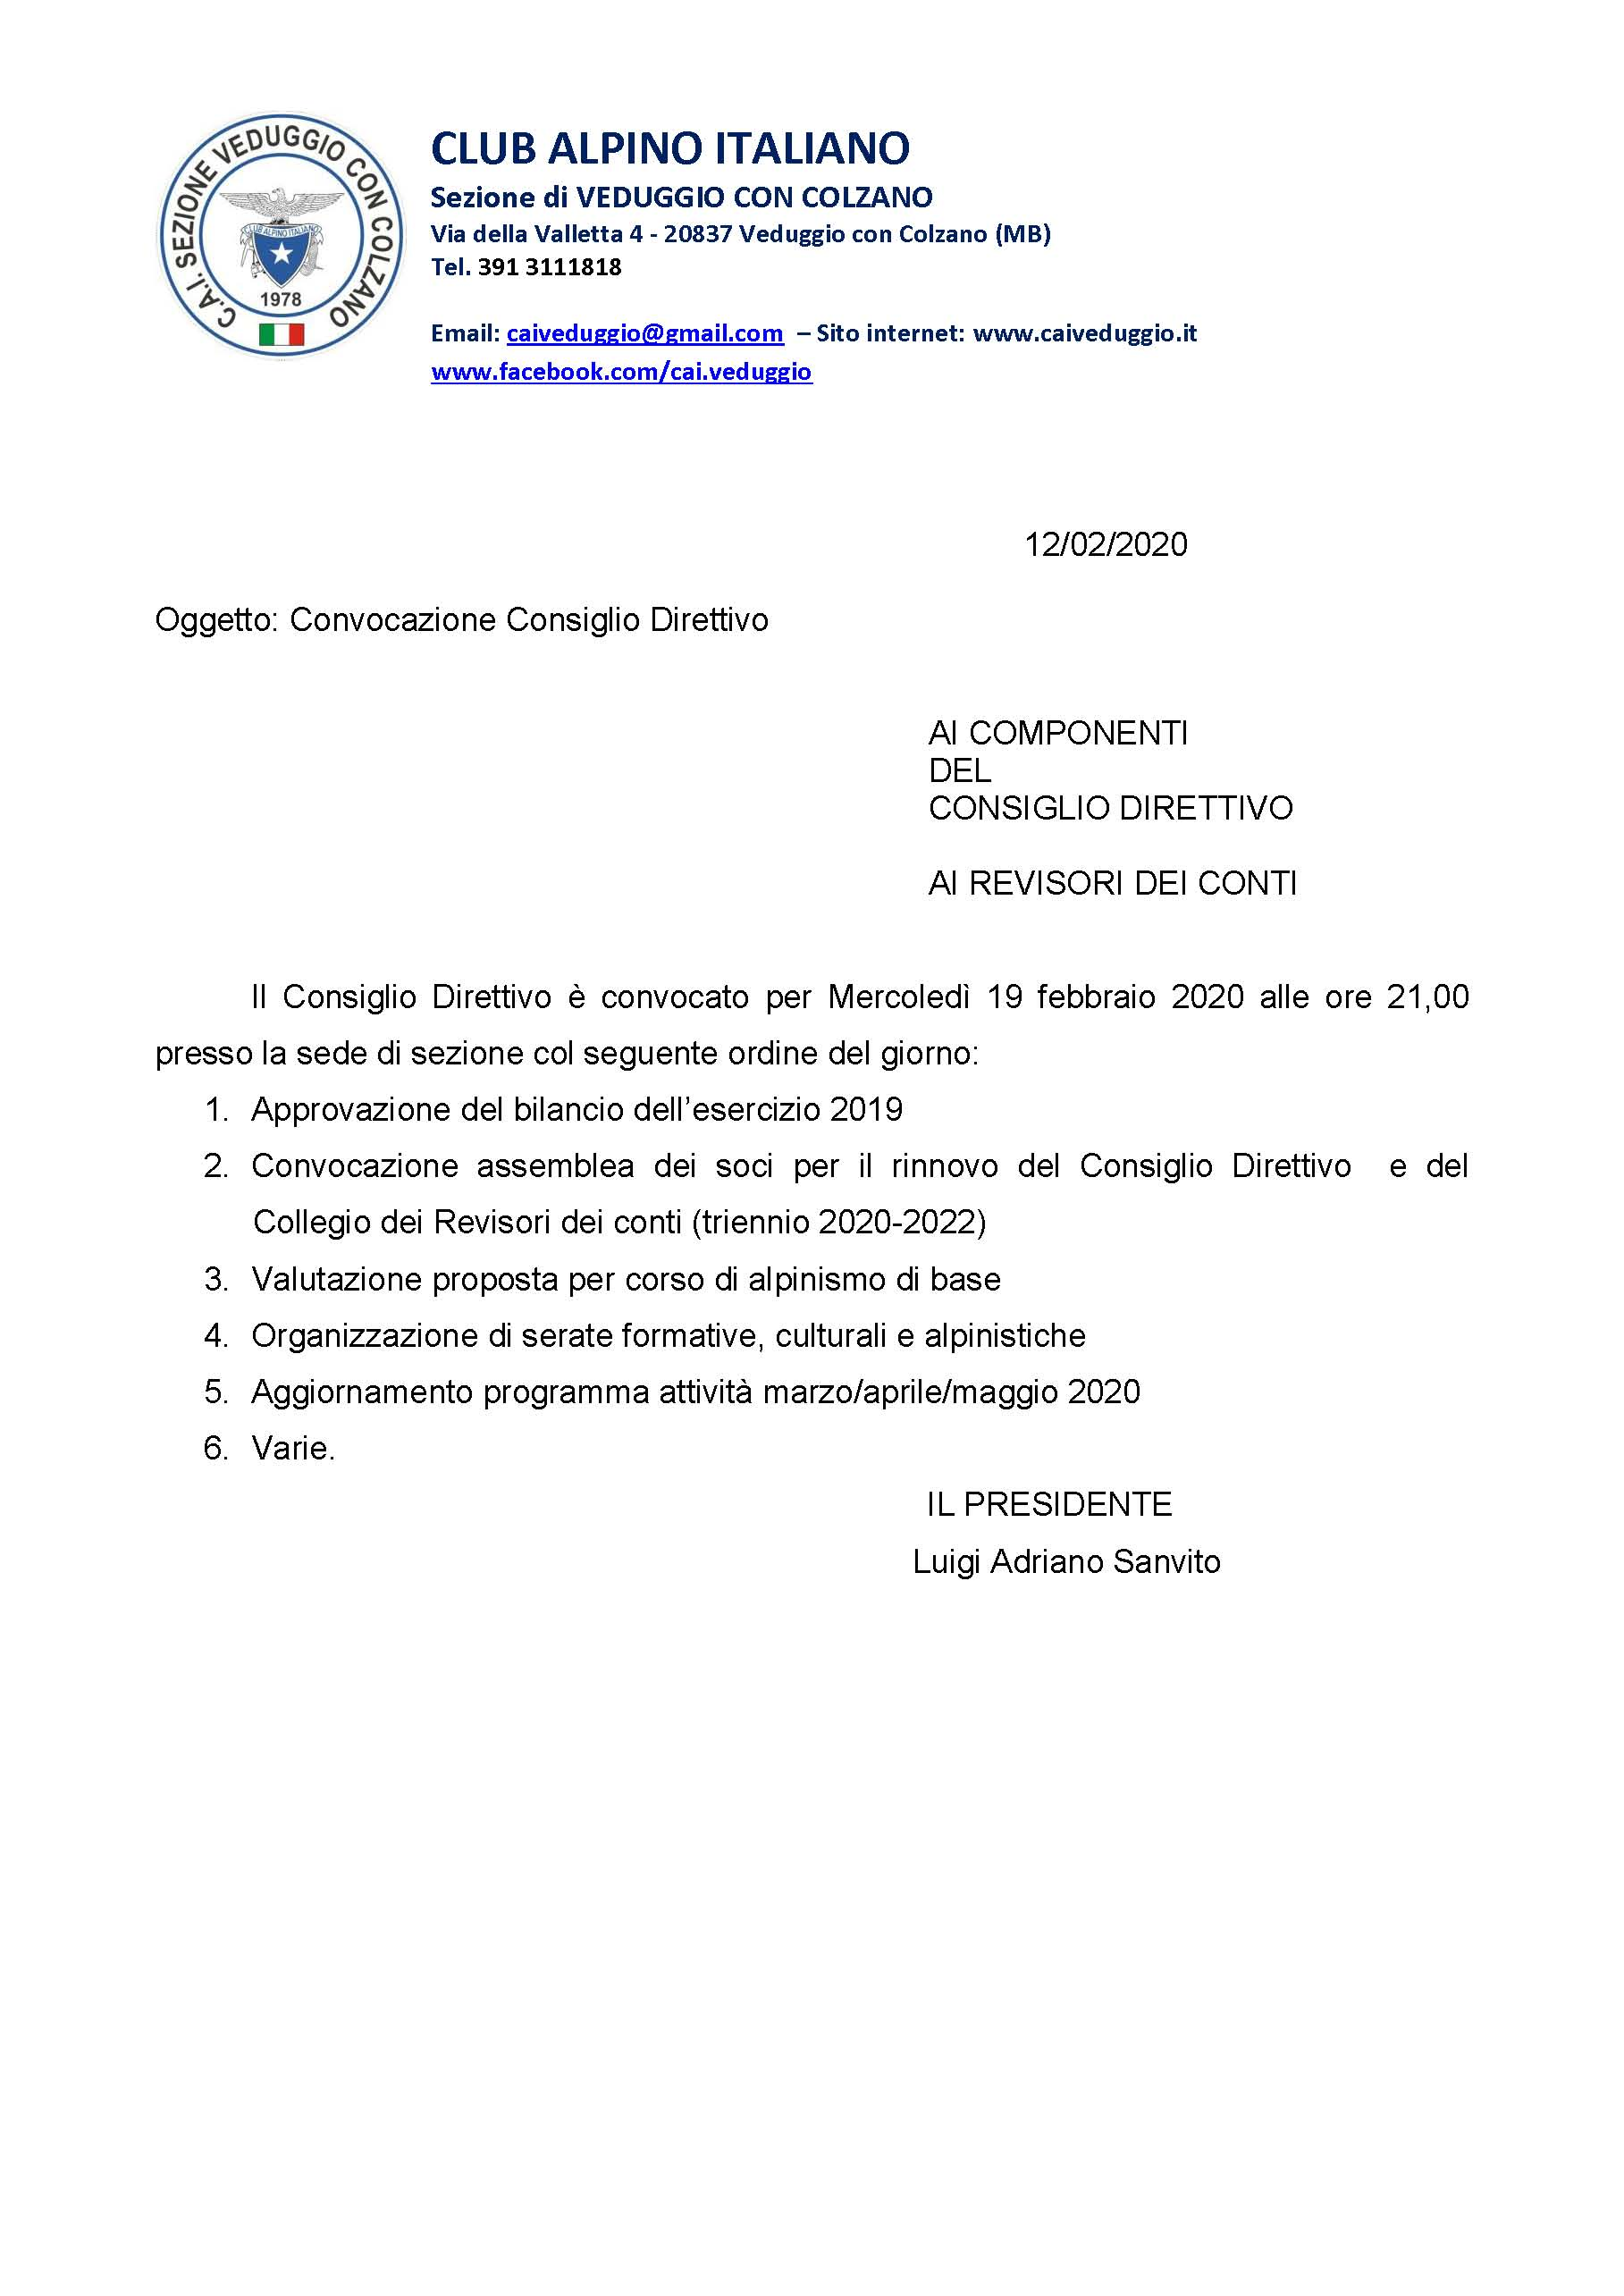 Mercoledi' 19 febbraio 2020 – Convocazione Consiglio Direttivo